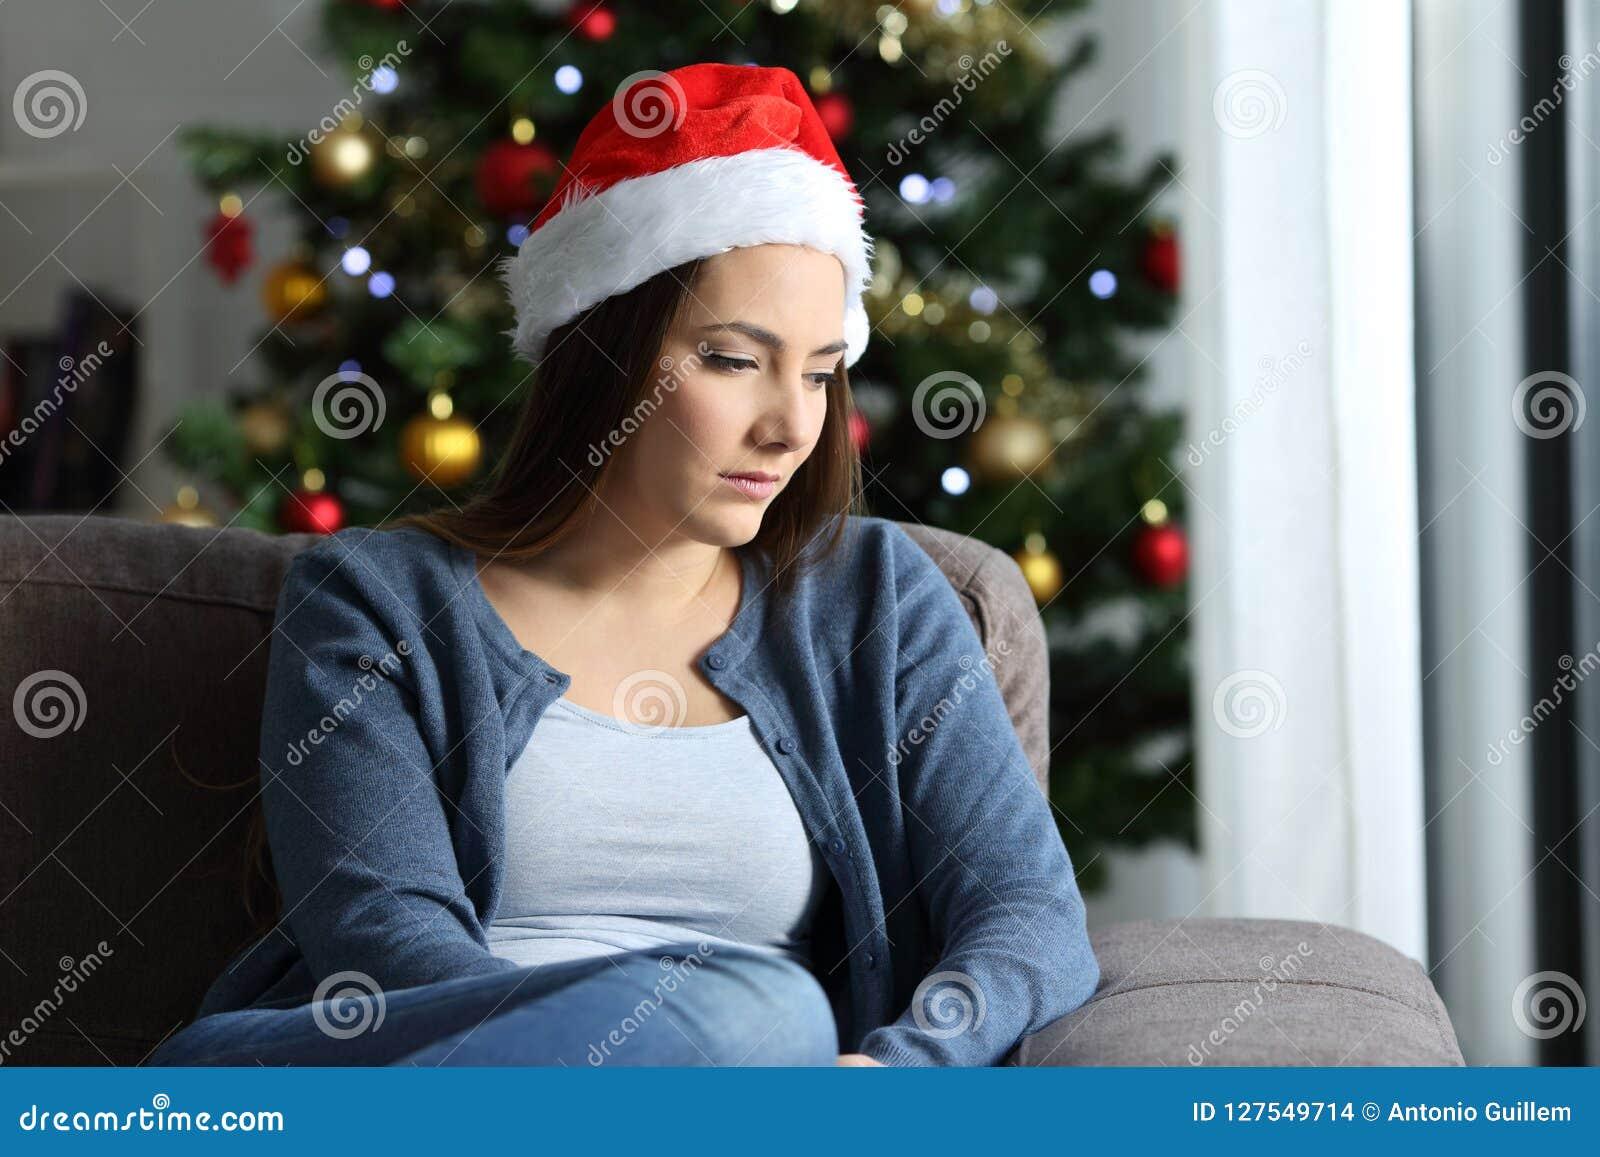 Traurige Einsame Frau, Die Sich Zu Hause Im Weihnachten